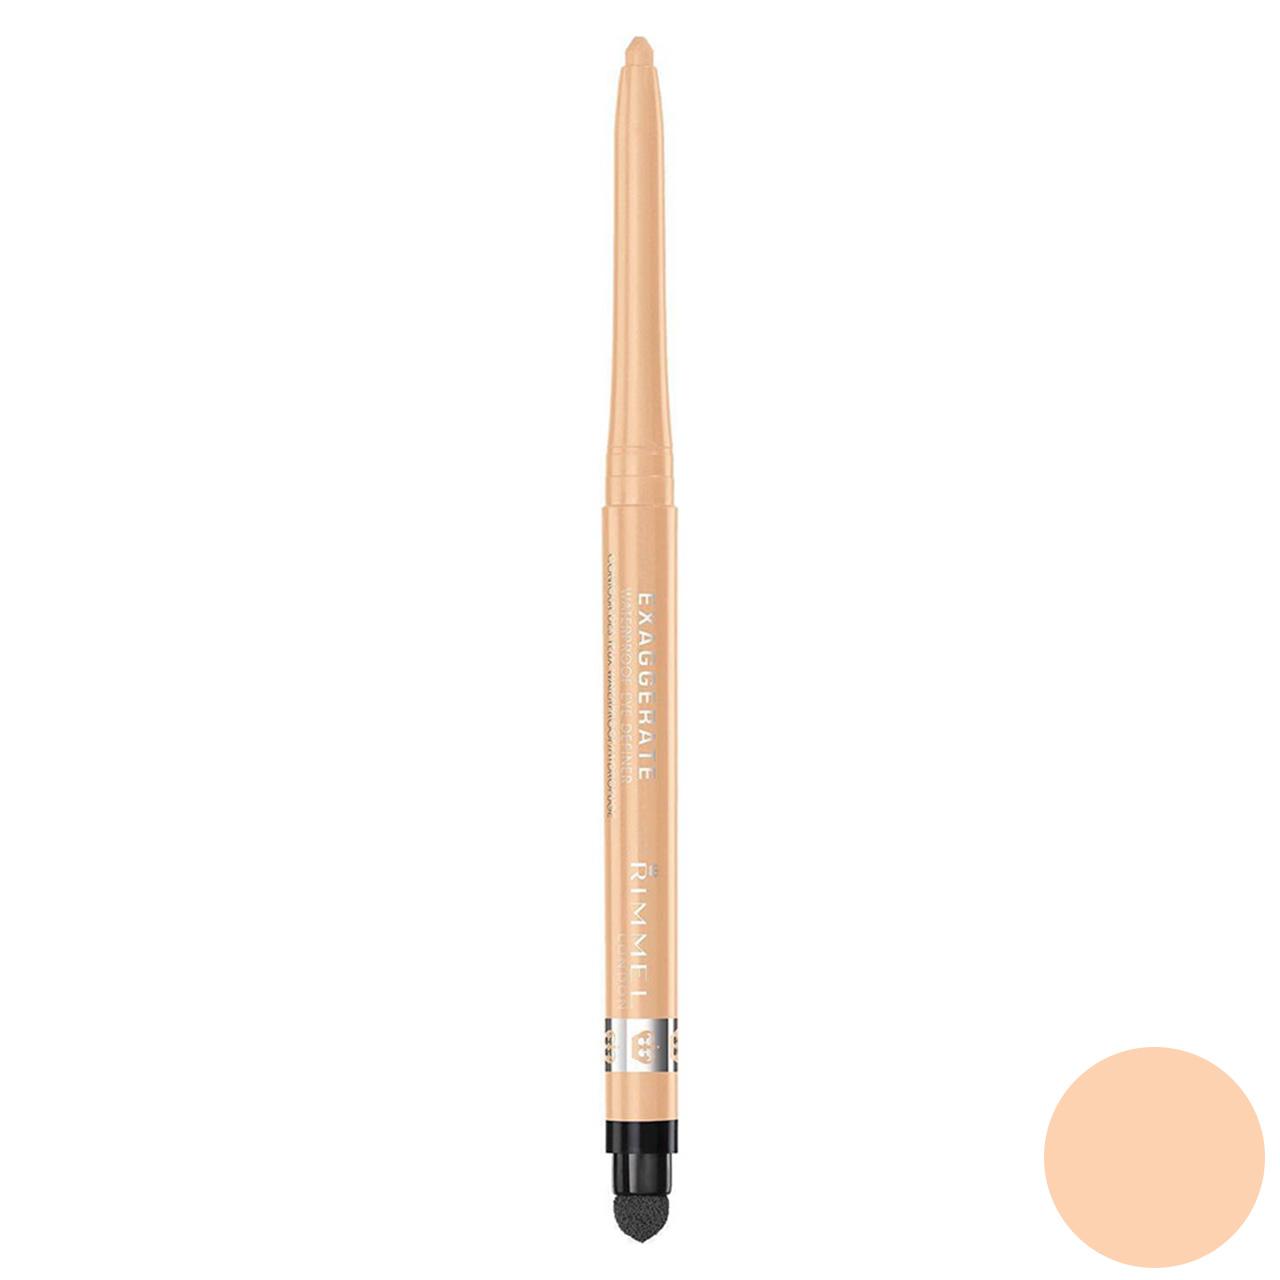 مداد چشم ضدآب ریمل لاندن مدل Exaggerate شماره 213